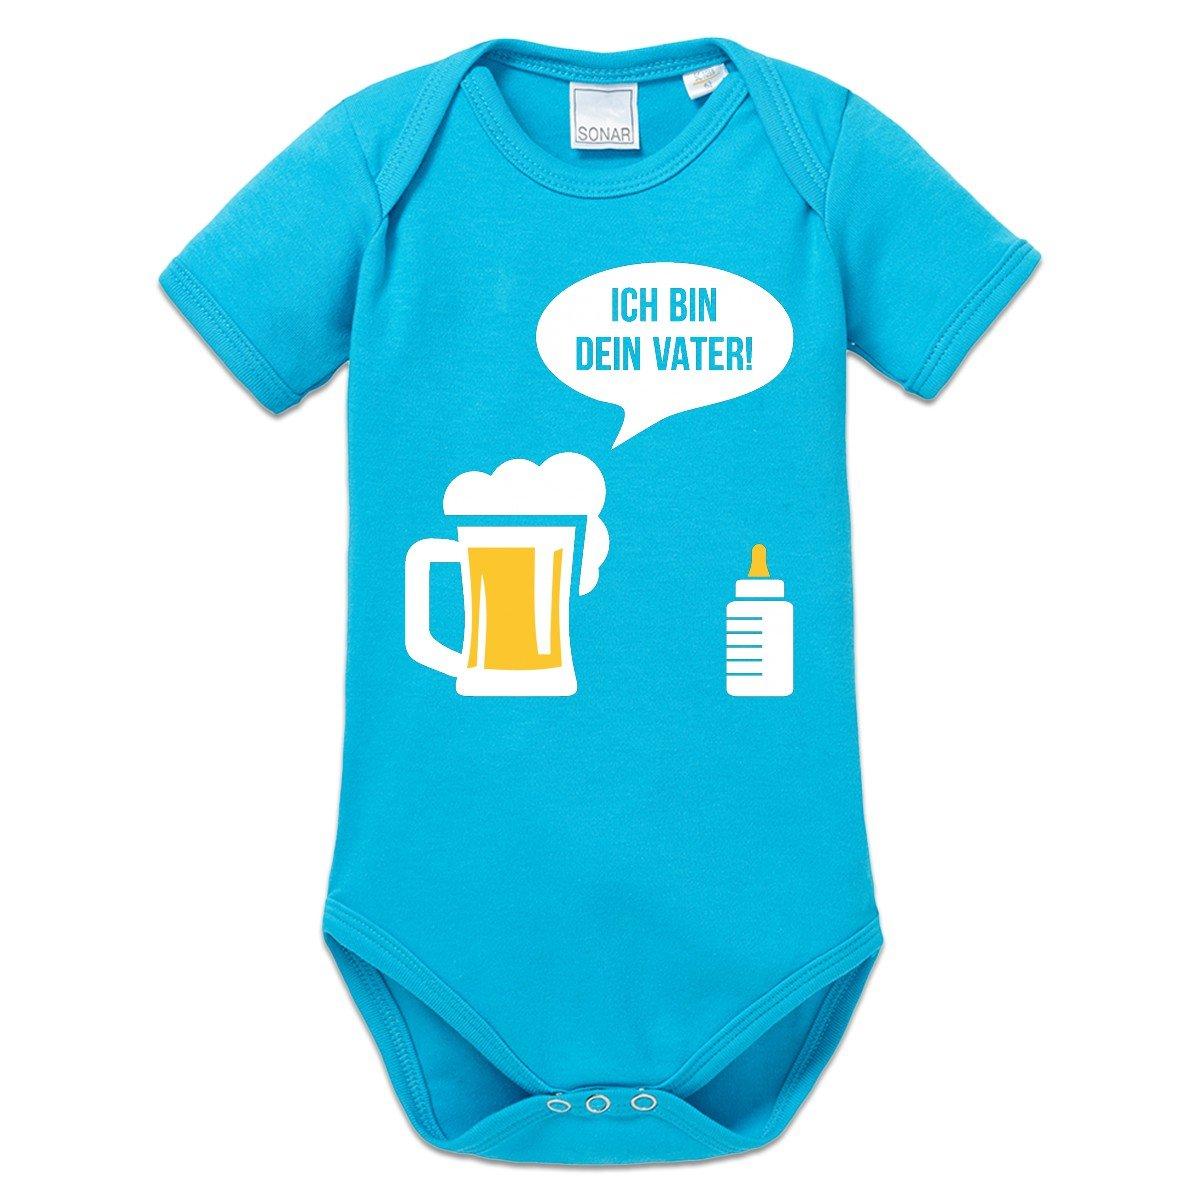 Shirtcity Bier - Ich Bin Dein Vater Baby Strampler by